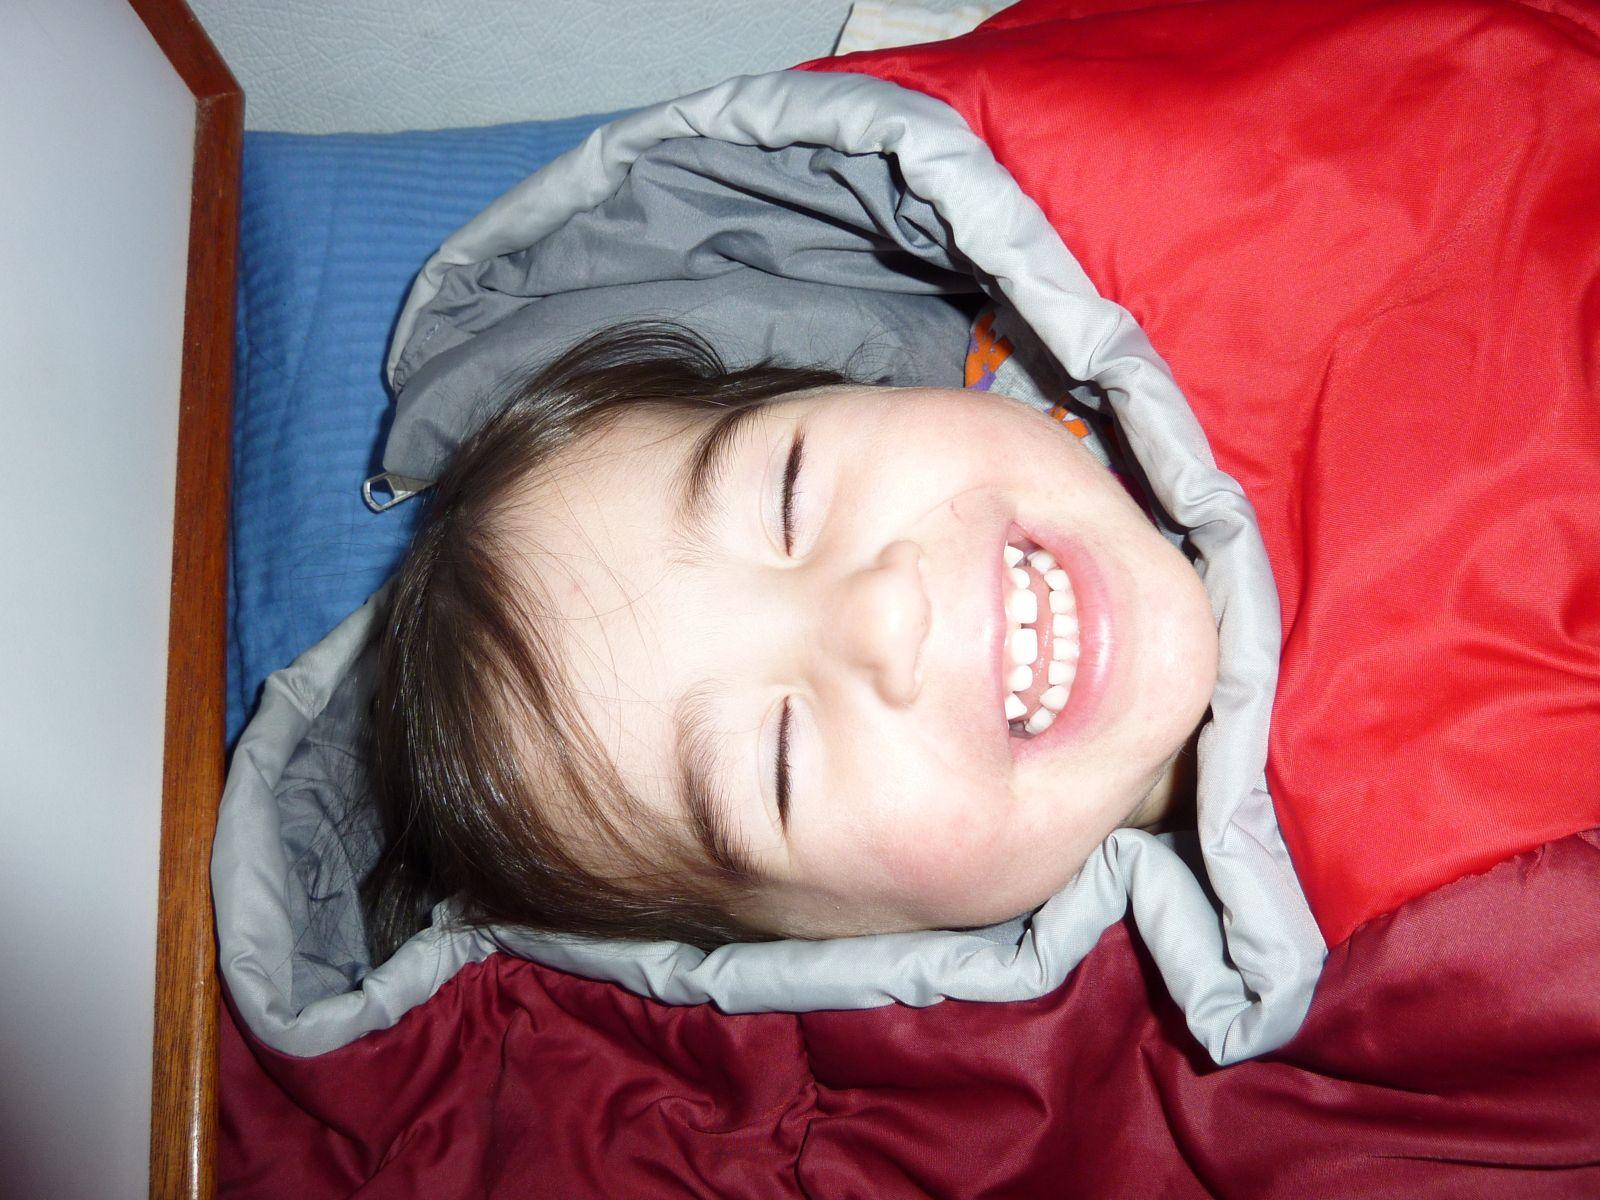 2010-10-14-1254_-_Bedste_1; Qupanuk Eugenius Labansen